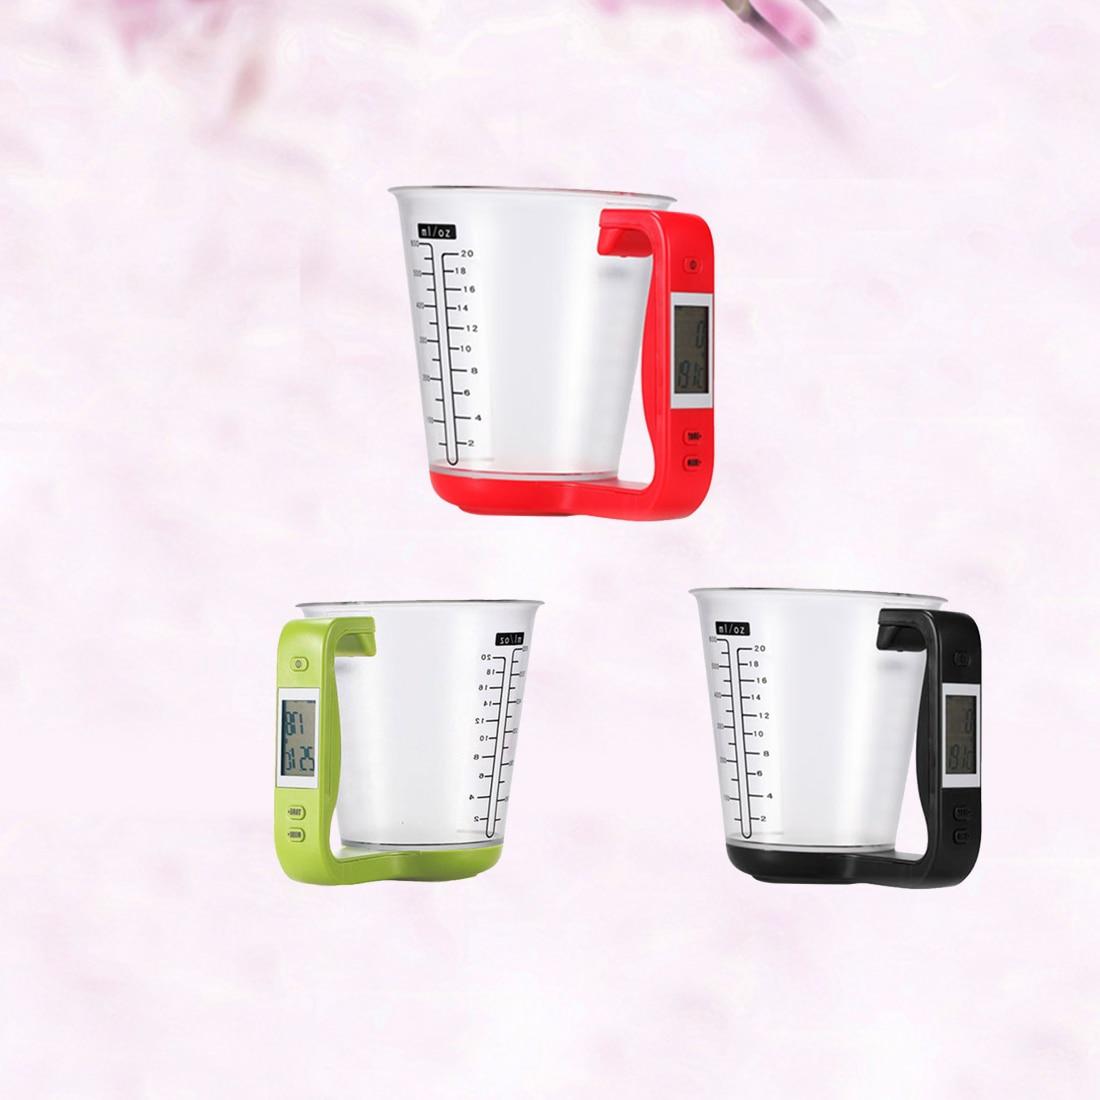 1 stücke Digital küche Elektronische Messbecher Skala Haushalt Krug Waagen mit LCD Display Temp Messung 16x12,5x13,5 cm